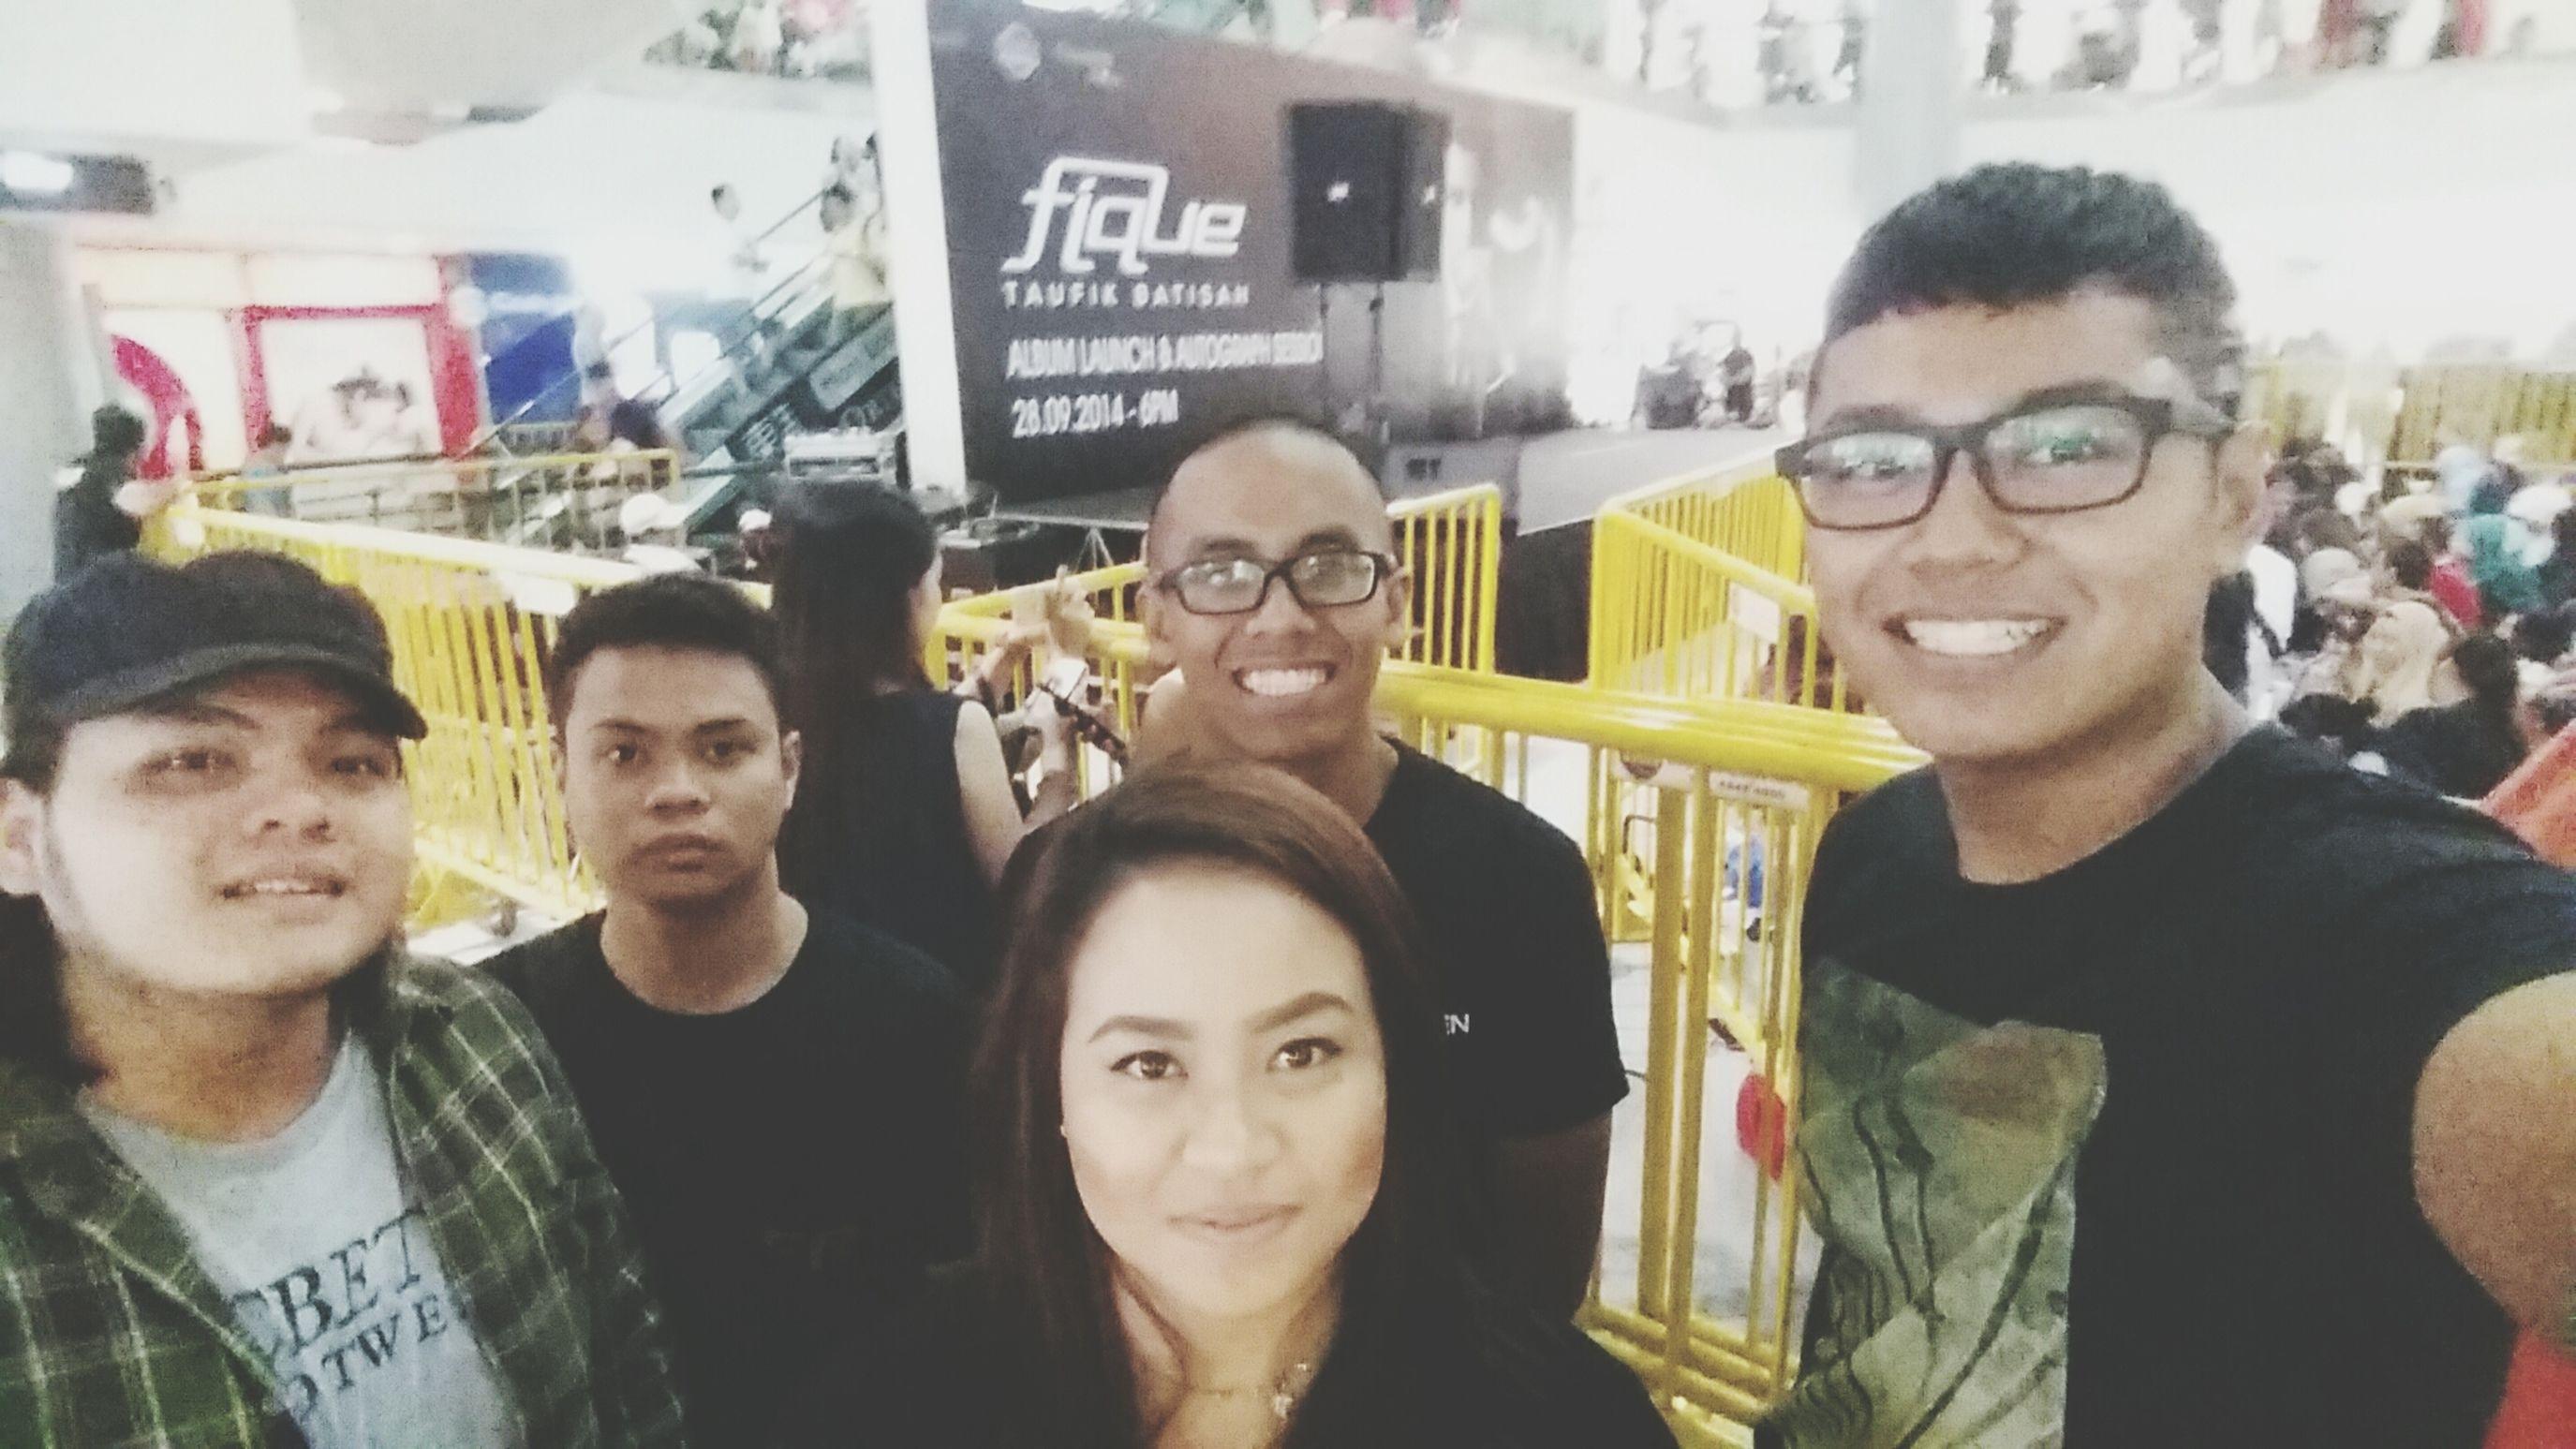 Taufik Batisah Album Launch